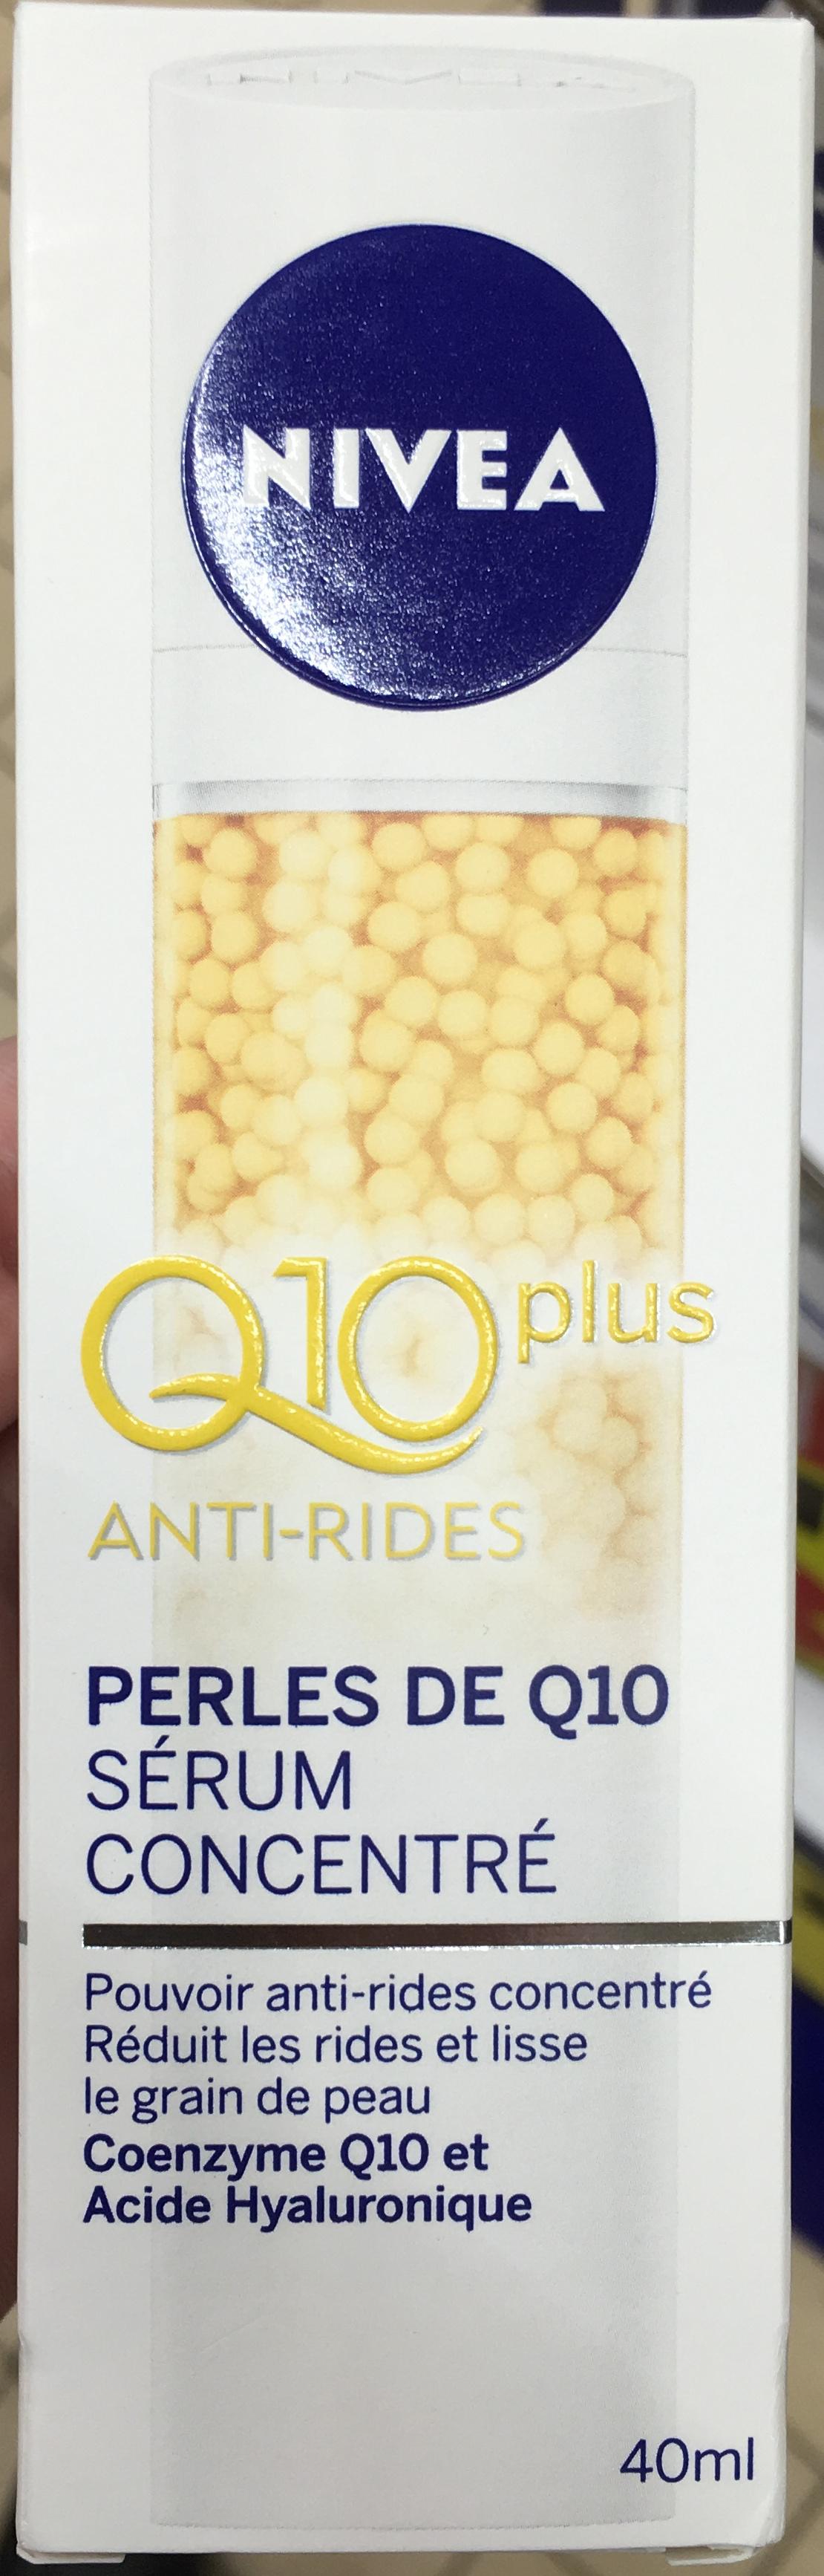 Perles de Q10 sérum concentré - Product - fr